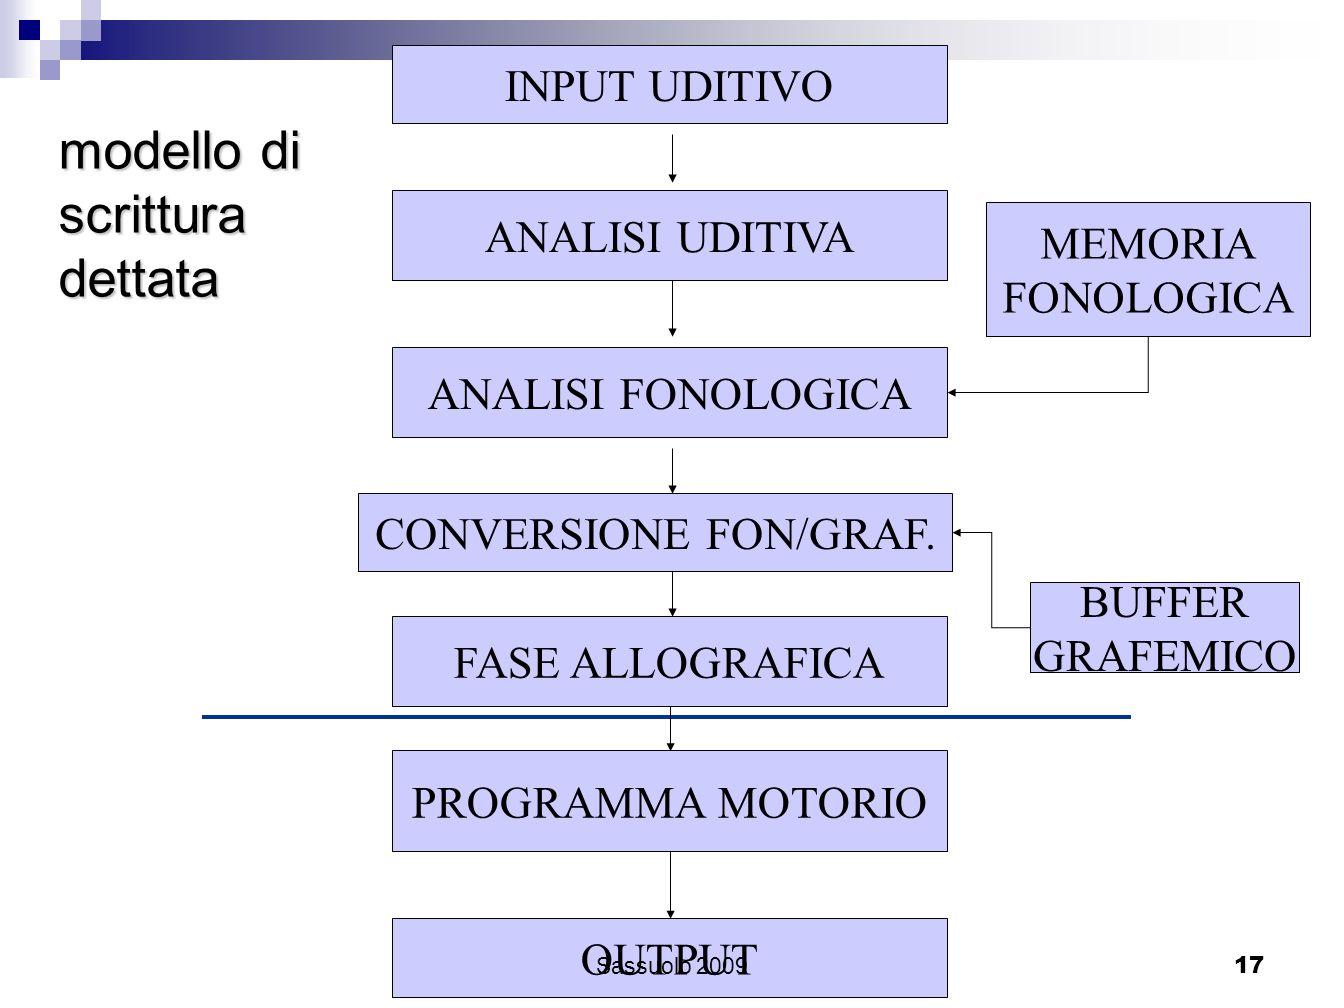 17 INPUT UDITIVO ANALISI UDITIVA ANALISI FONOLOGICA MEMORIA FONOLOGICA FASE ALLOGRAFICA BUFFER GRAFEMICO PROGRAMMA MOTORIO OUTPUT modello di scrittura